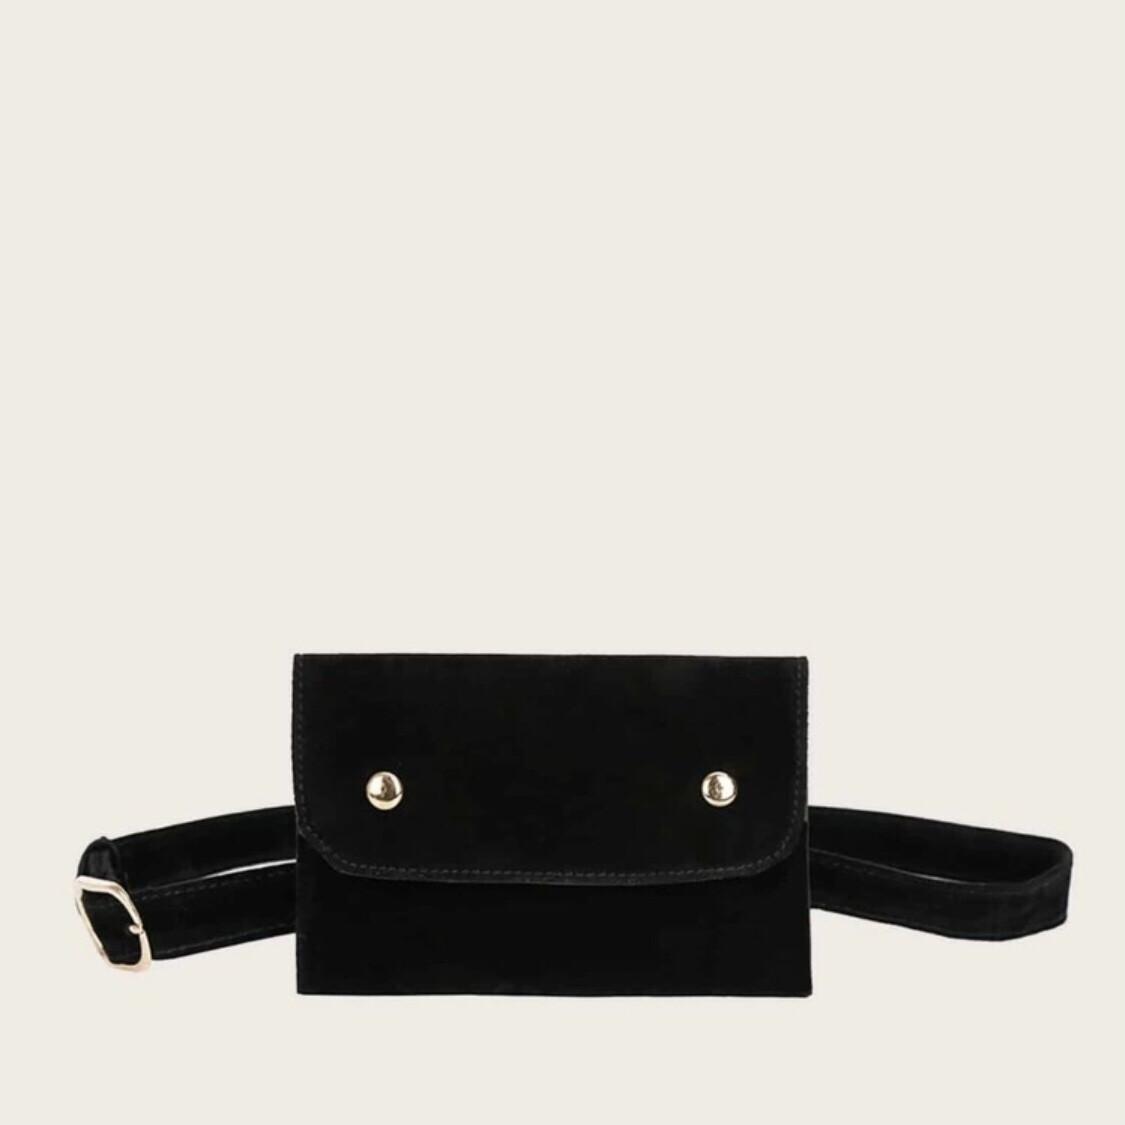 Suede Black Waist Belt Bag